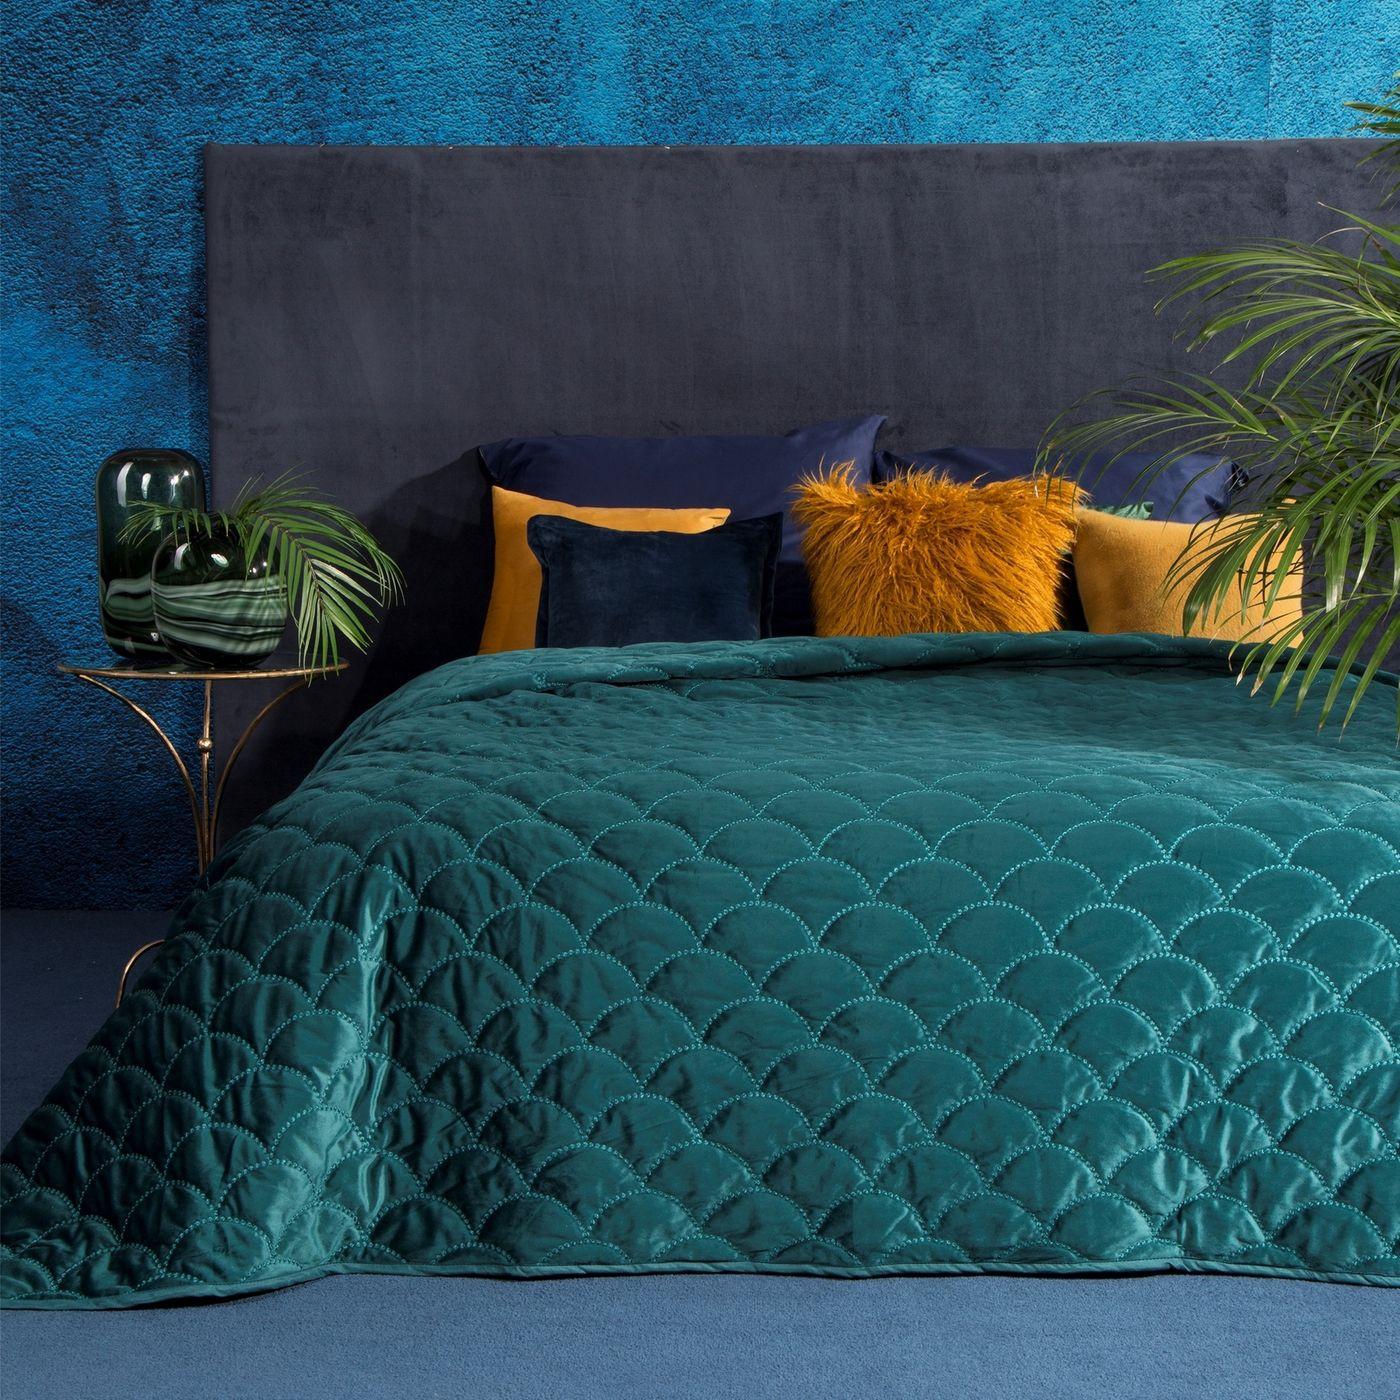 Ekskluzywna narzuta do sypialni pikowana - mój wybór Eva Minge - turkusowa 220x240 cm